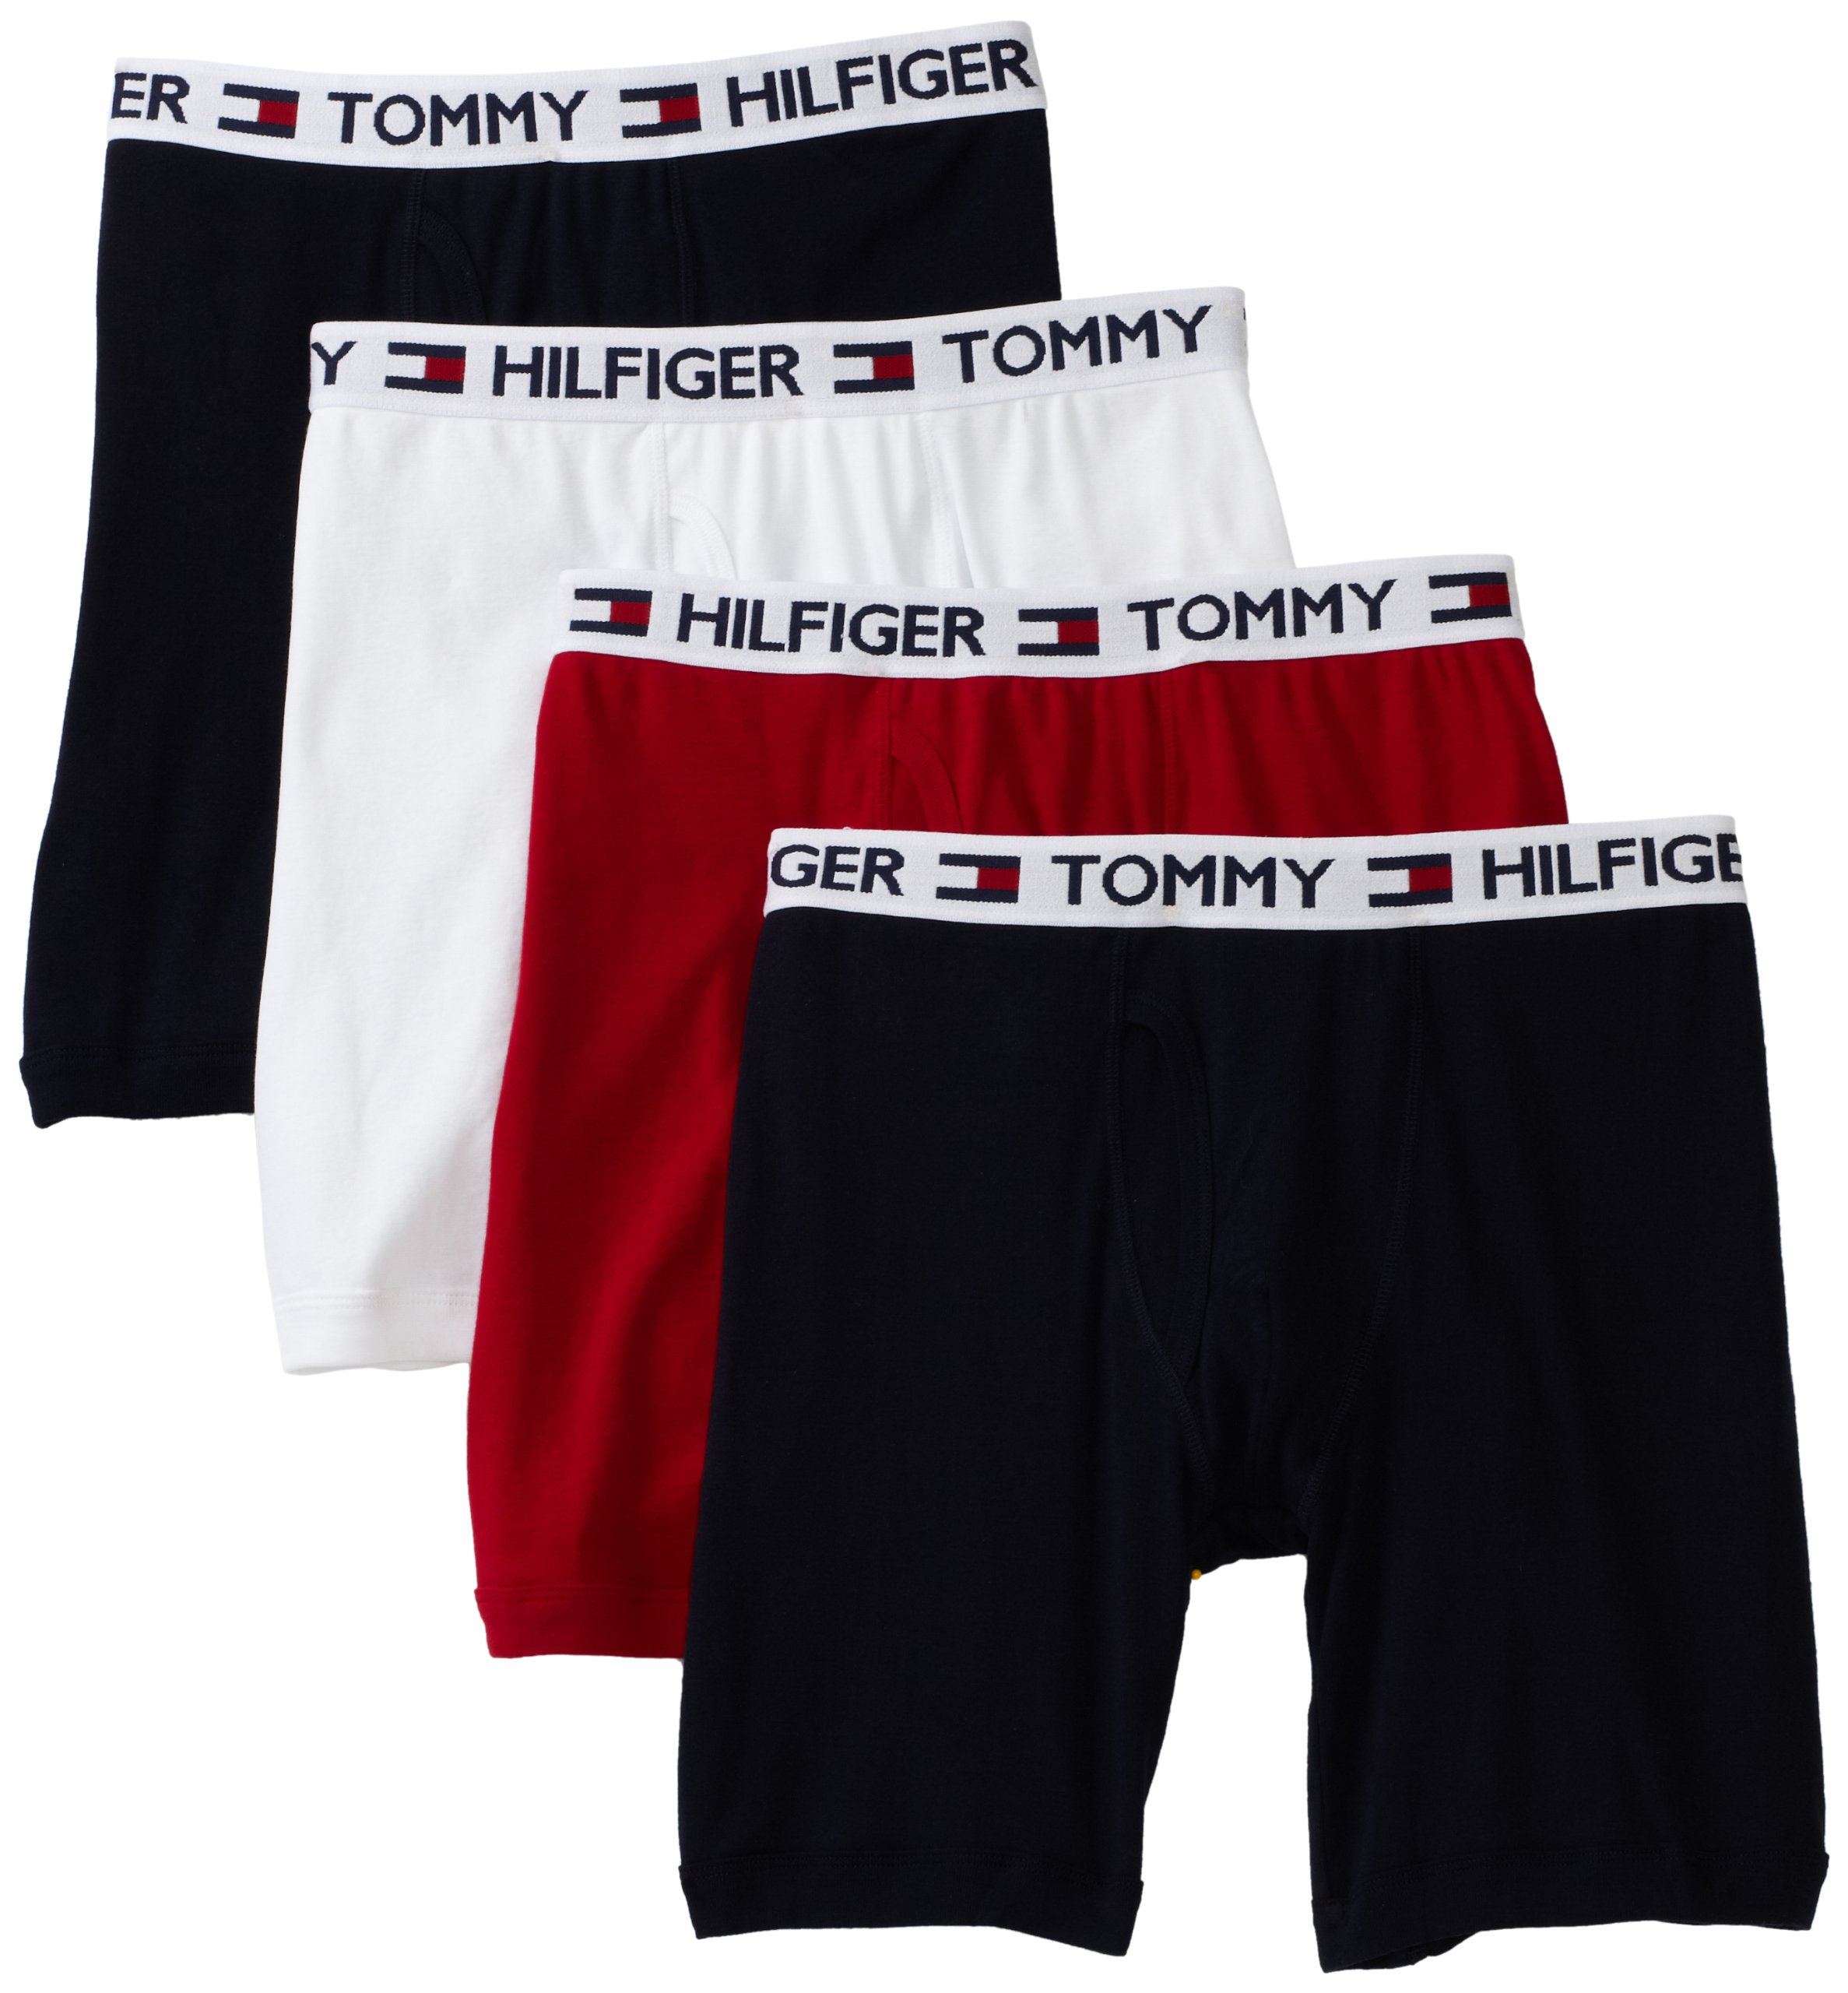 Tommy Hilfiger Men's 4 Pack Boxer Brief, Red/Navy/White, Medium